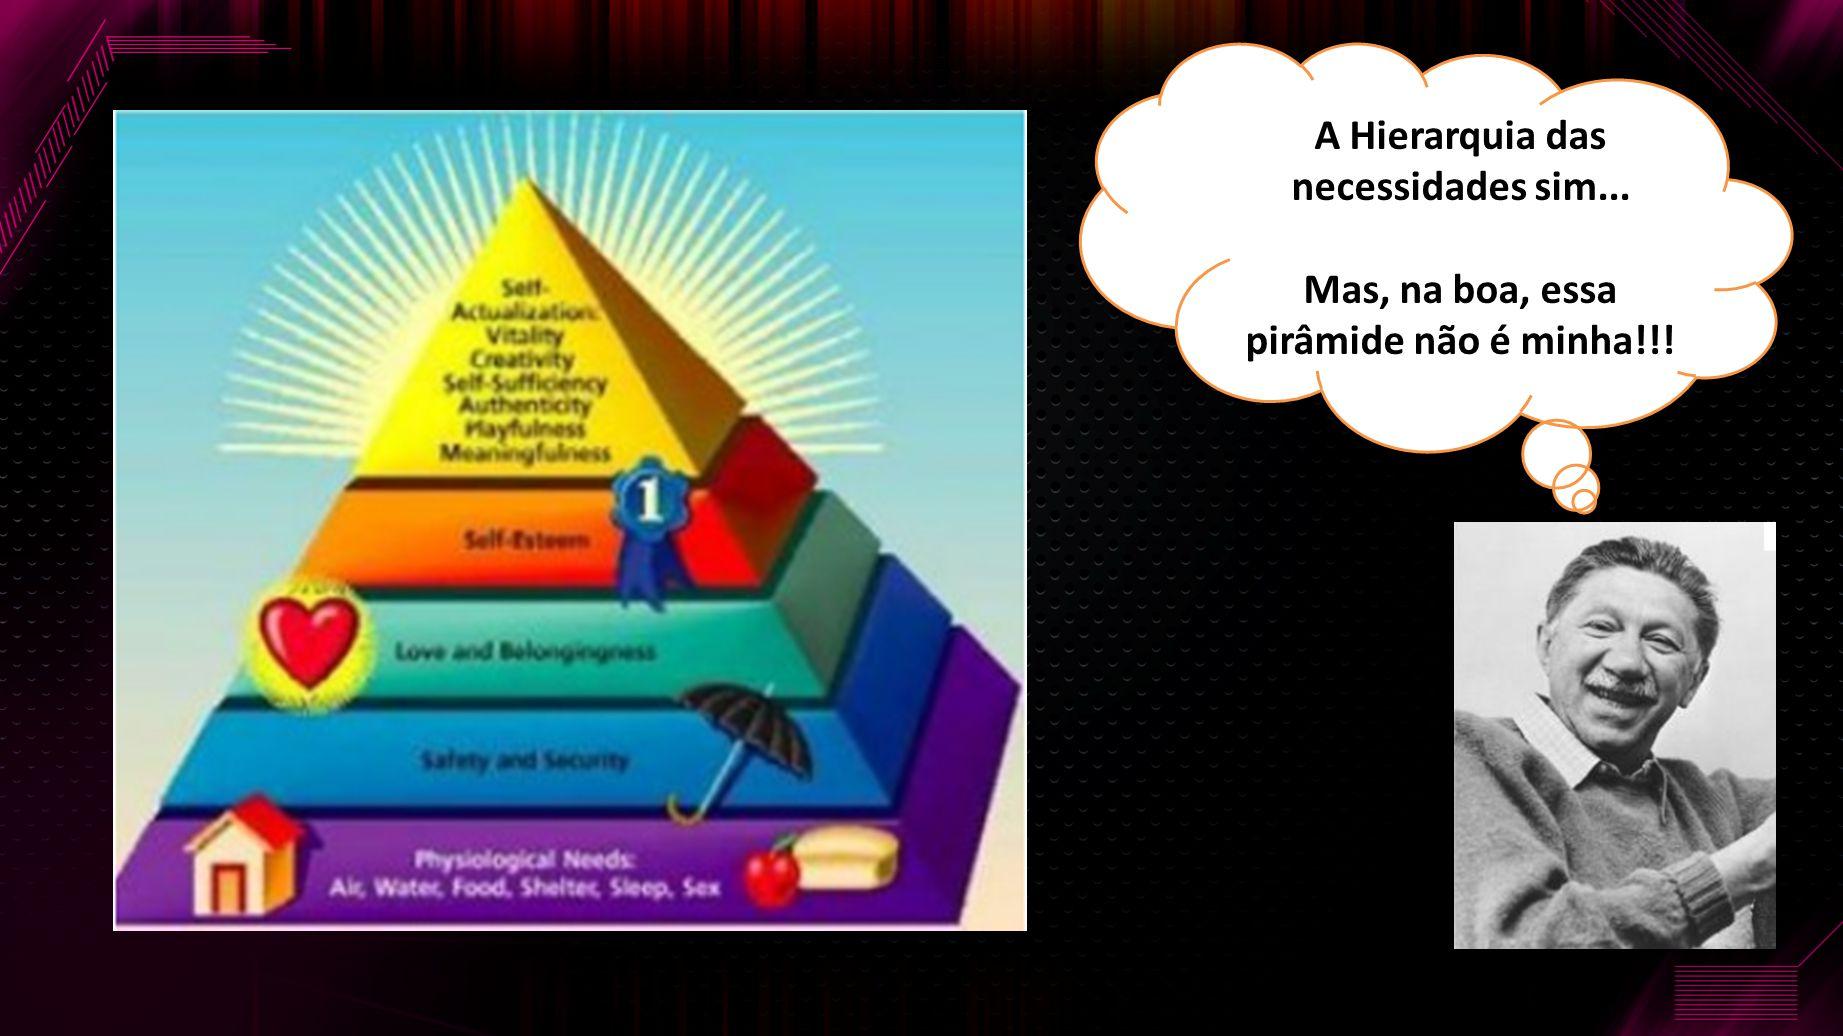 A Hierarquia das necessidades sim... Mas, na boa, essa pirâmide não é minha!!!